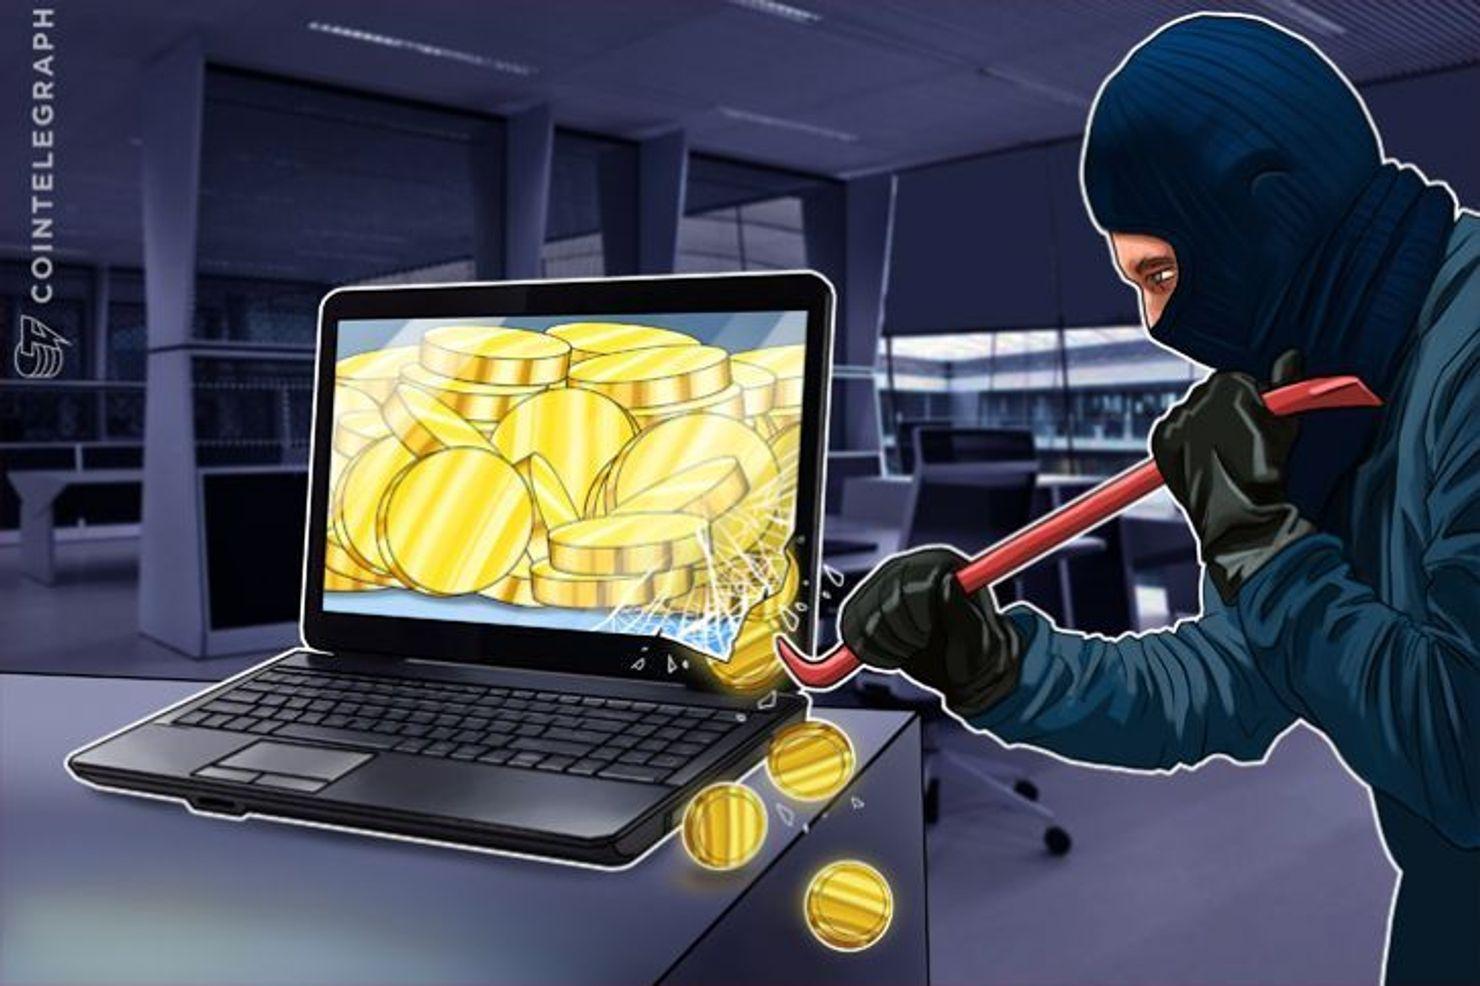 【速報】被害額は約53億円、韓国の仮想通貨取引所アップビットがハッキング被害公表